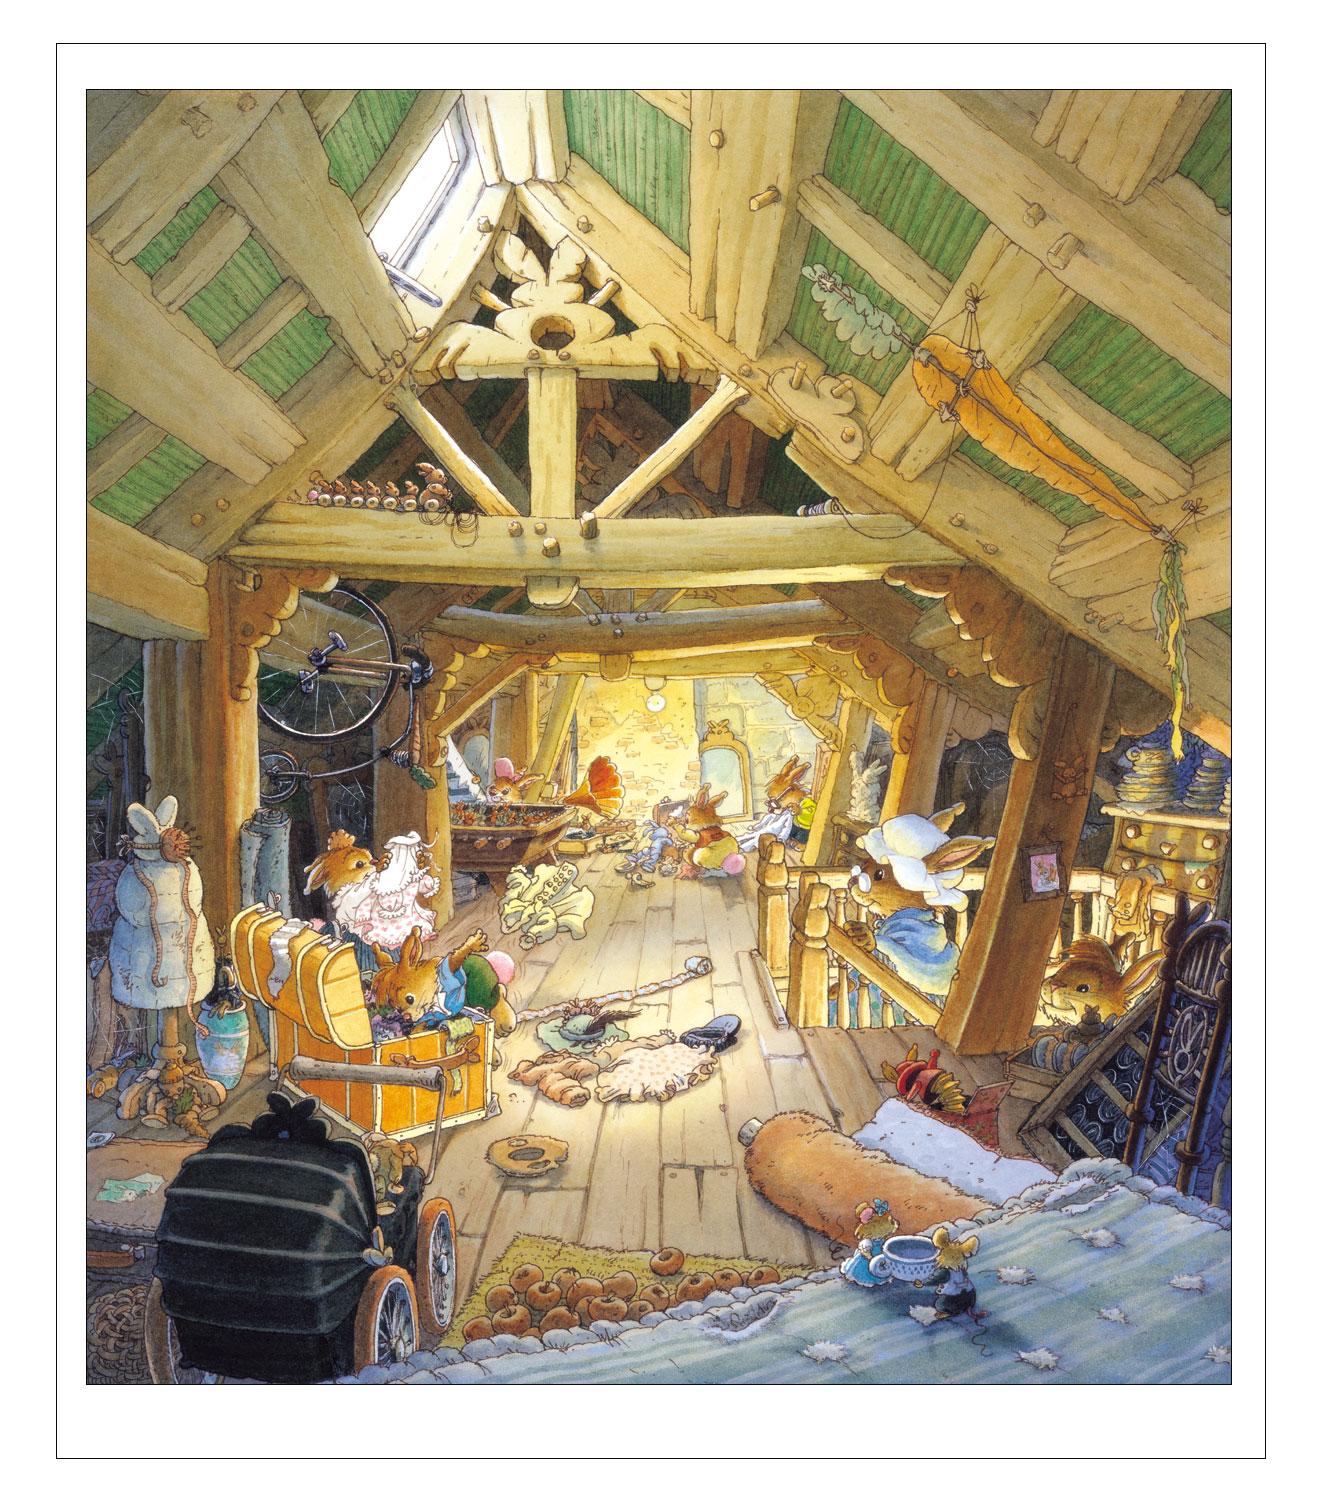 Les livres de votre jeunesse Jouannigot-famille-passiflore_128911